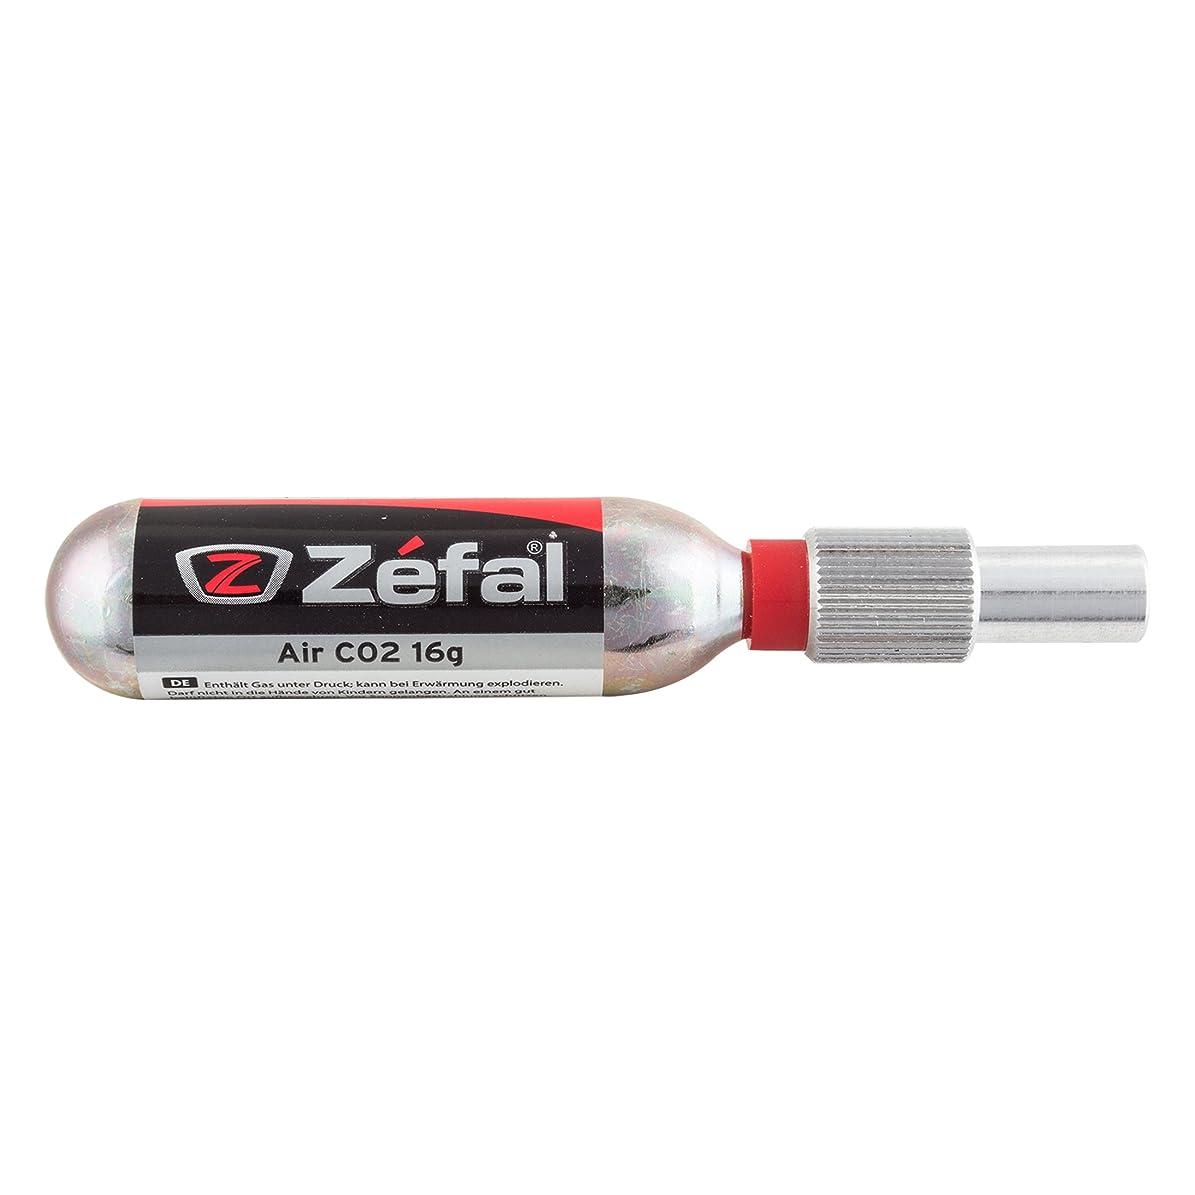 ネット鋼酸度Zefal Thread No Rag Pump Co2 Air Adapter by Zefal